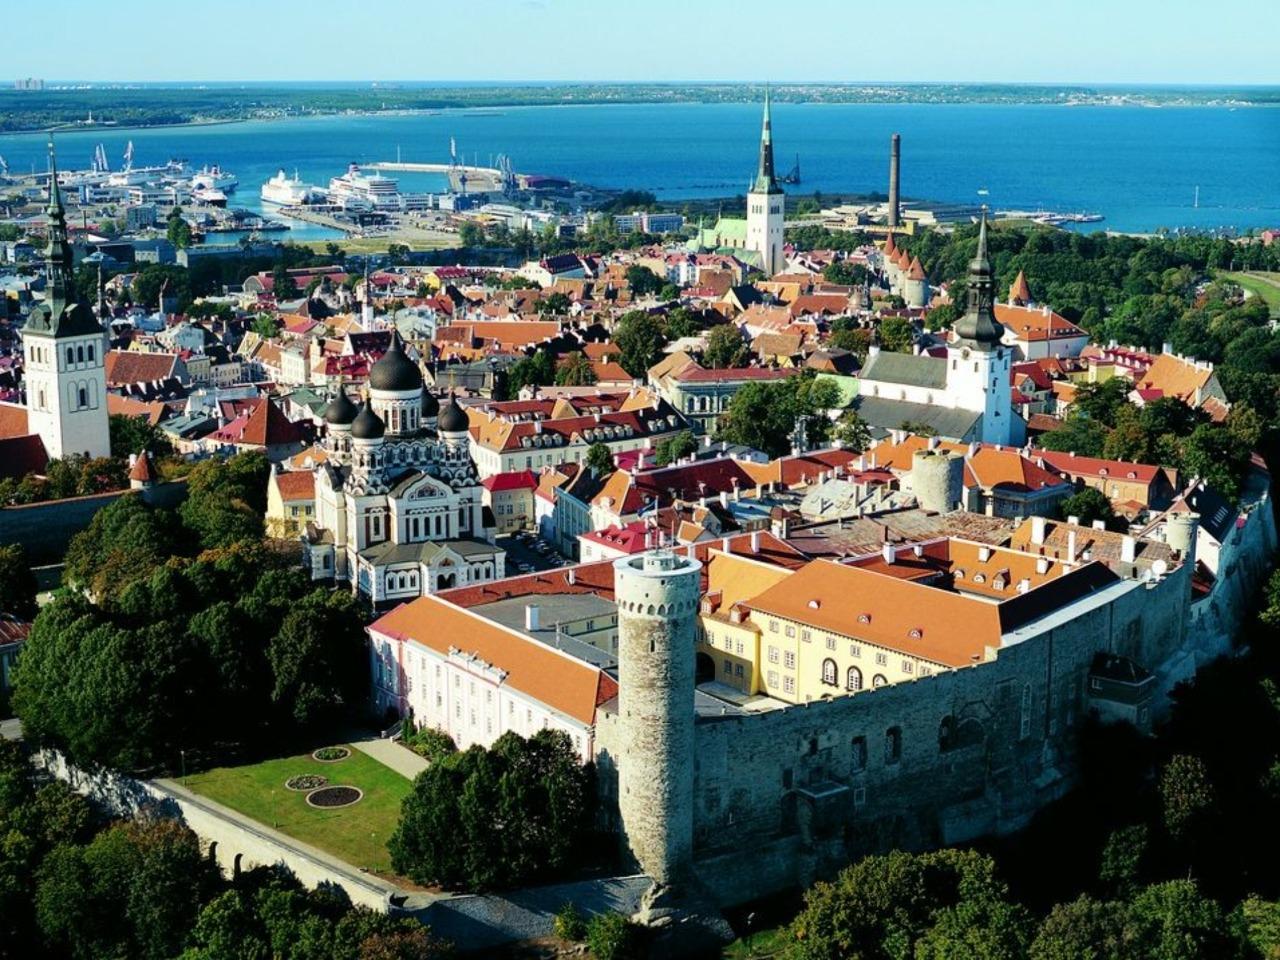 Таллин - культурная столица Европы  - индивидуальная экскурсия в Таллине от опытного гида